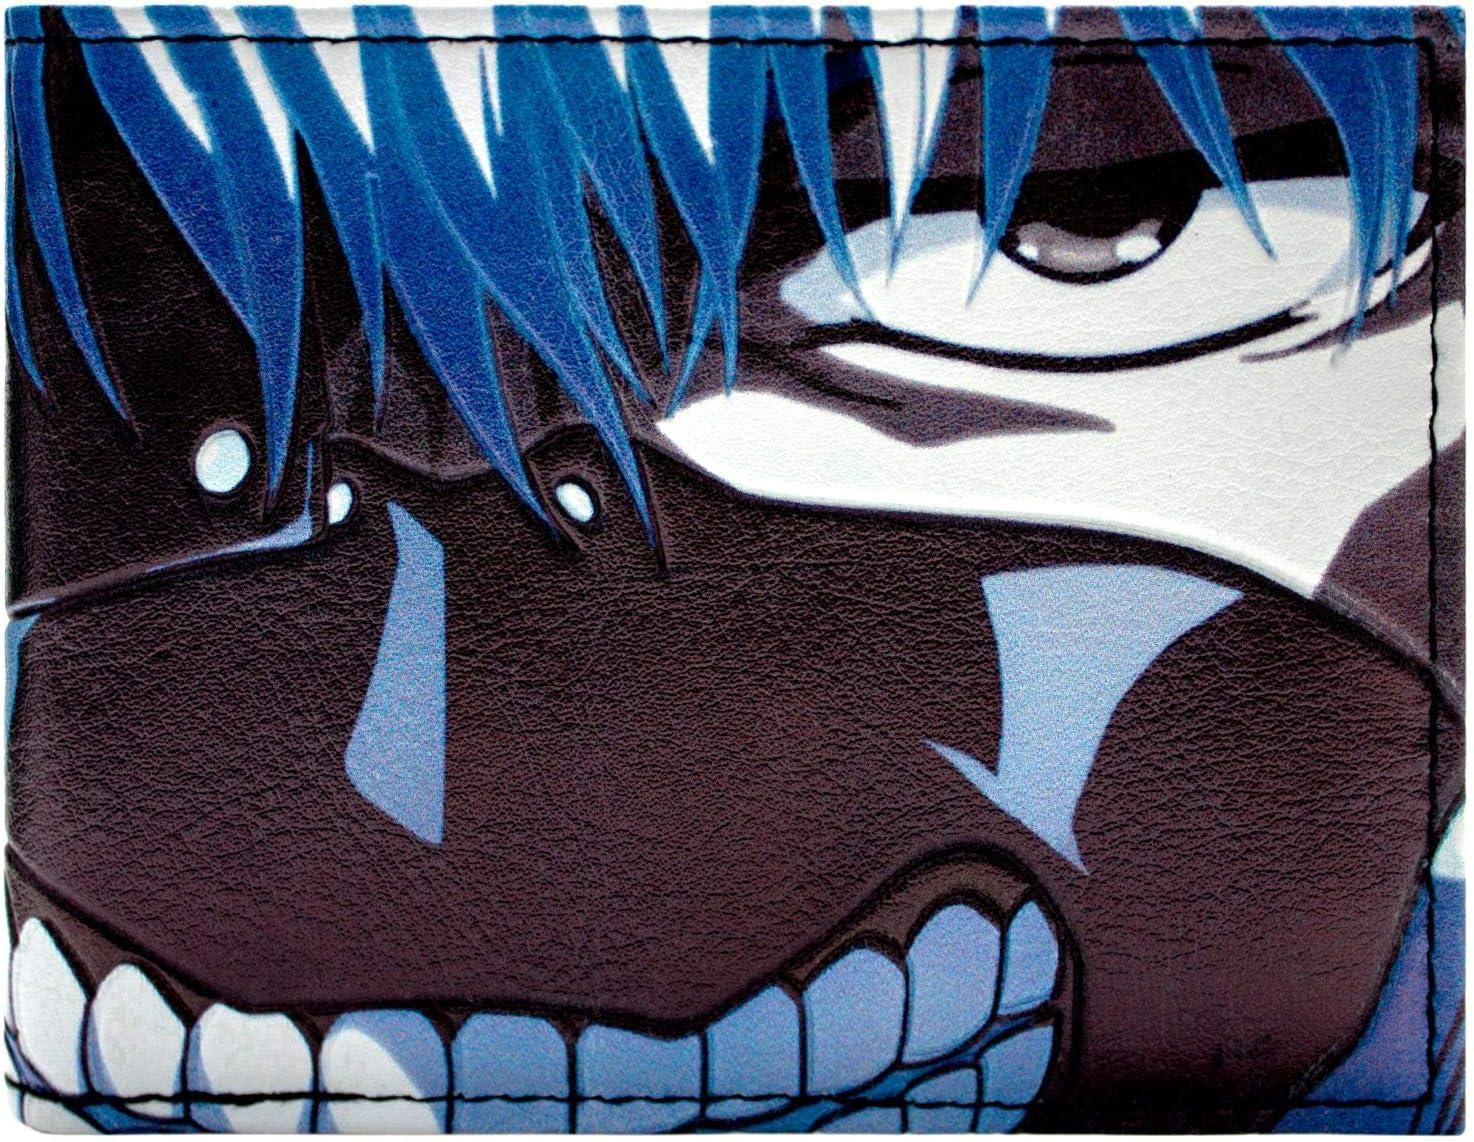 Tokyo Ghoul Renji Manga Noir Portefeuille